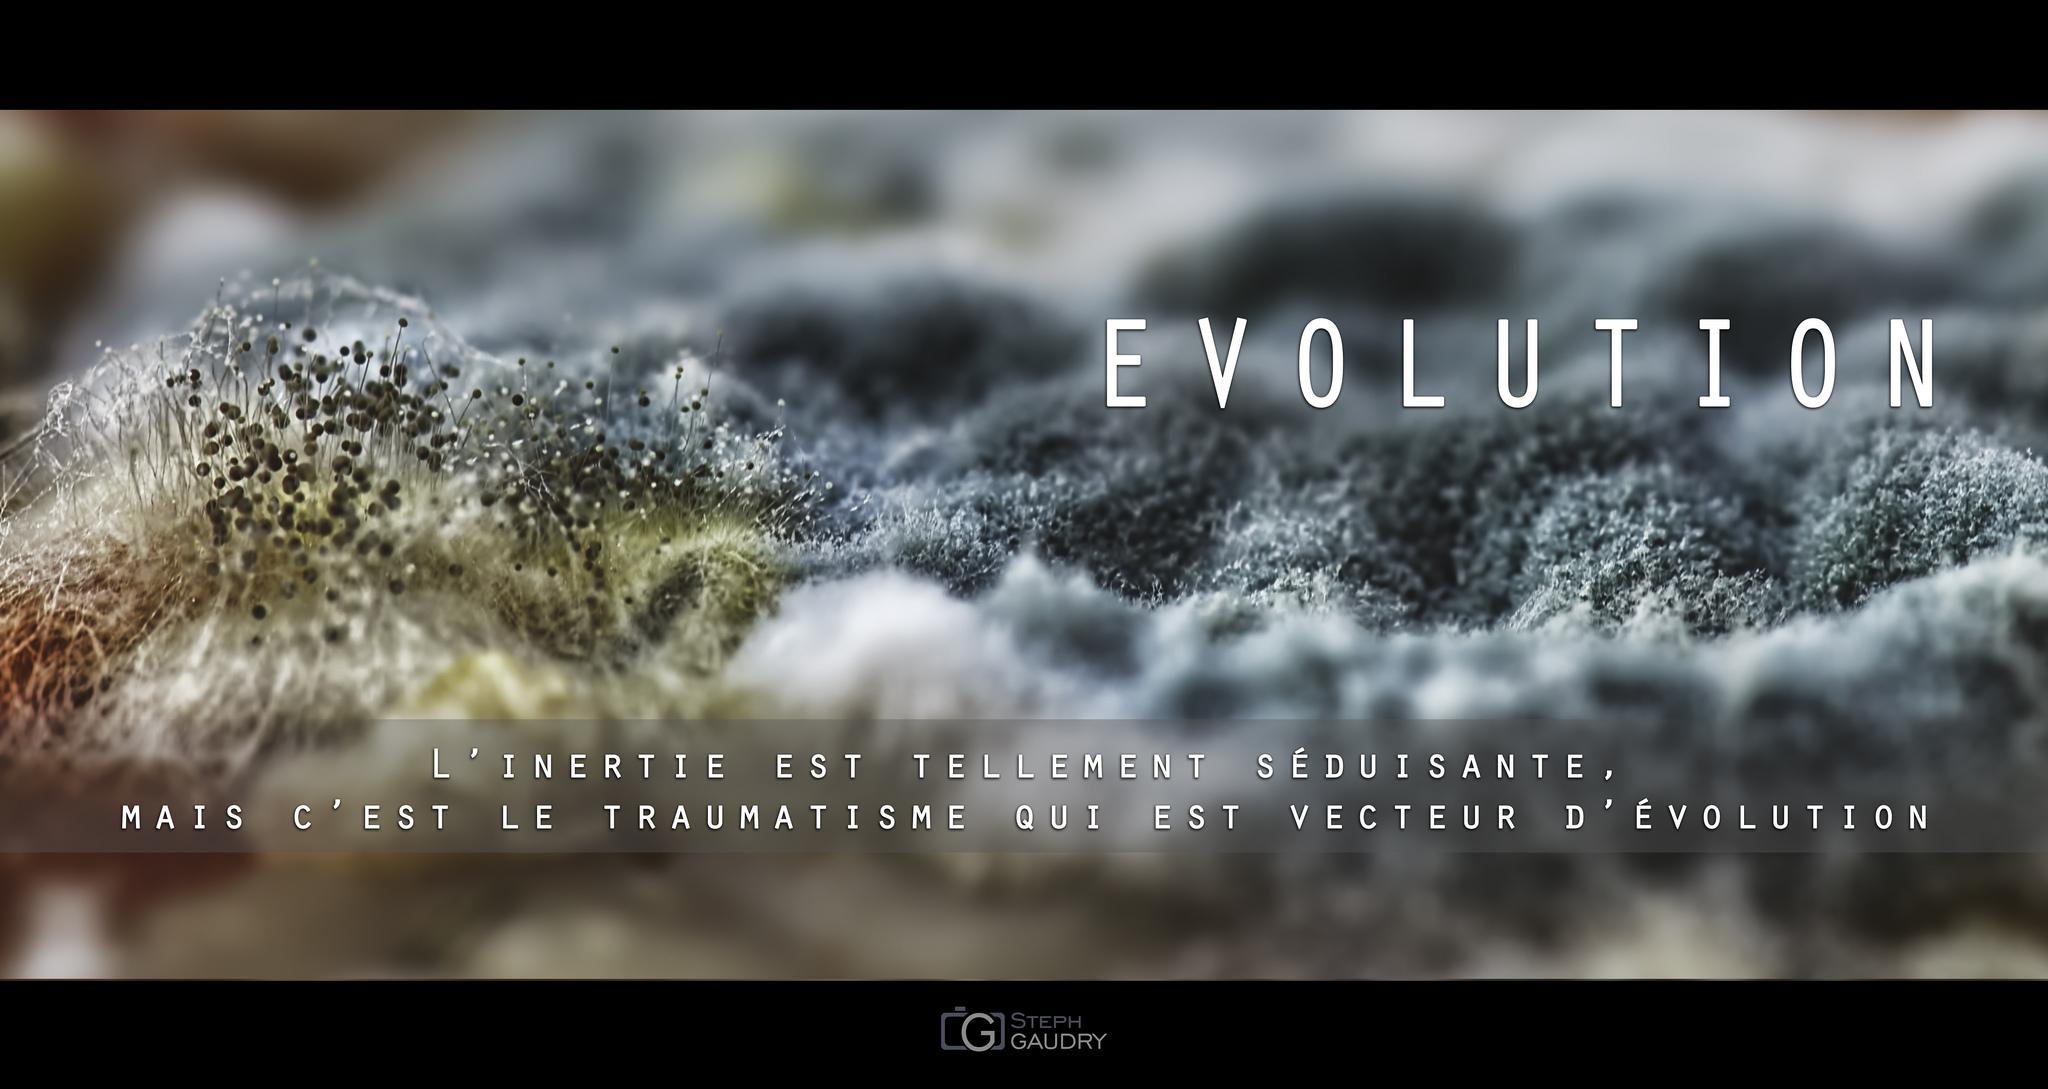 EVOLUTION [Cliquez pour lancer le diaporama]